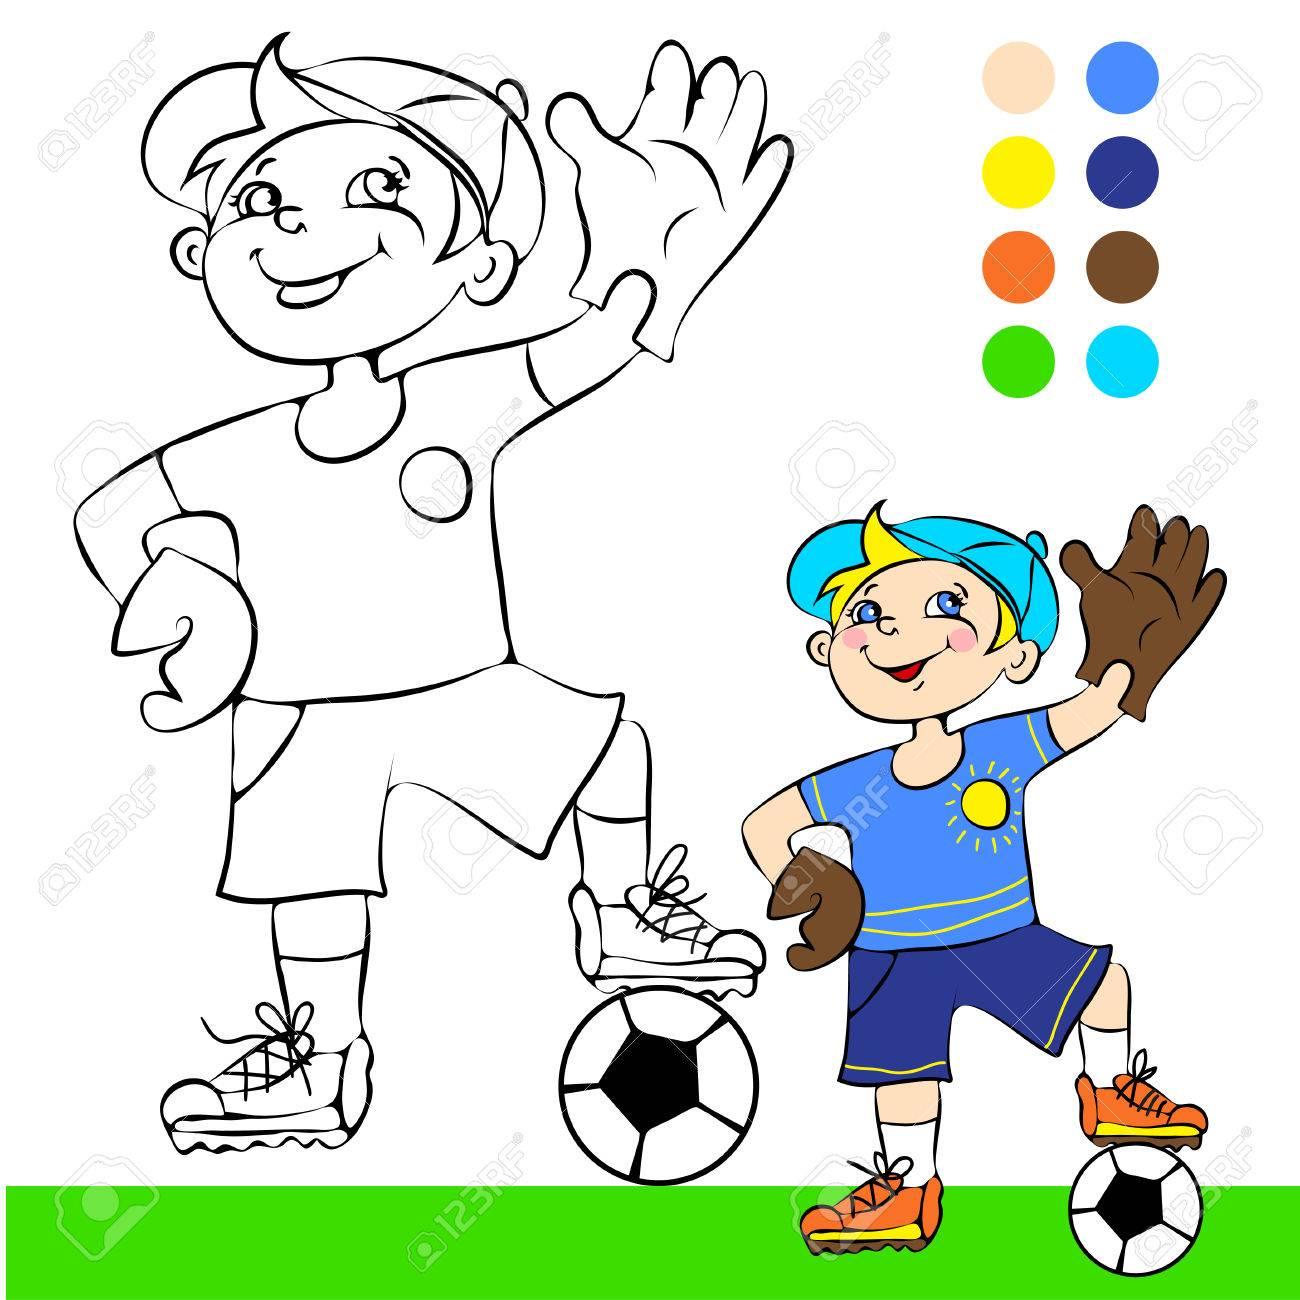 Ilustración Jugador De Fútbol De Dibujos Animados Concepto De Libro Para Colorear